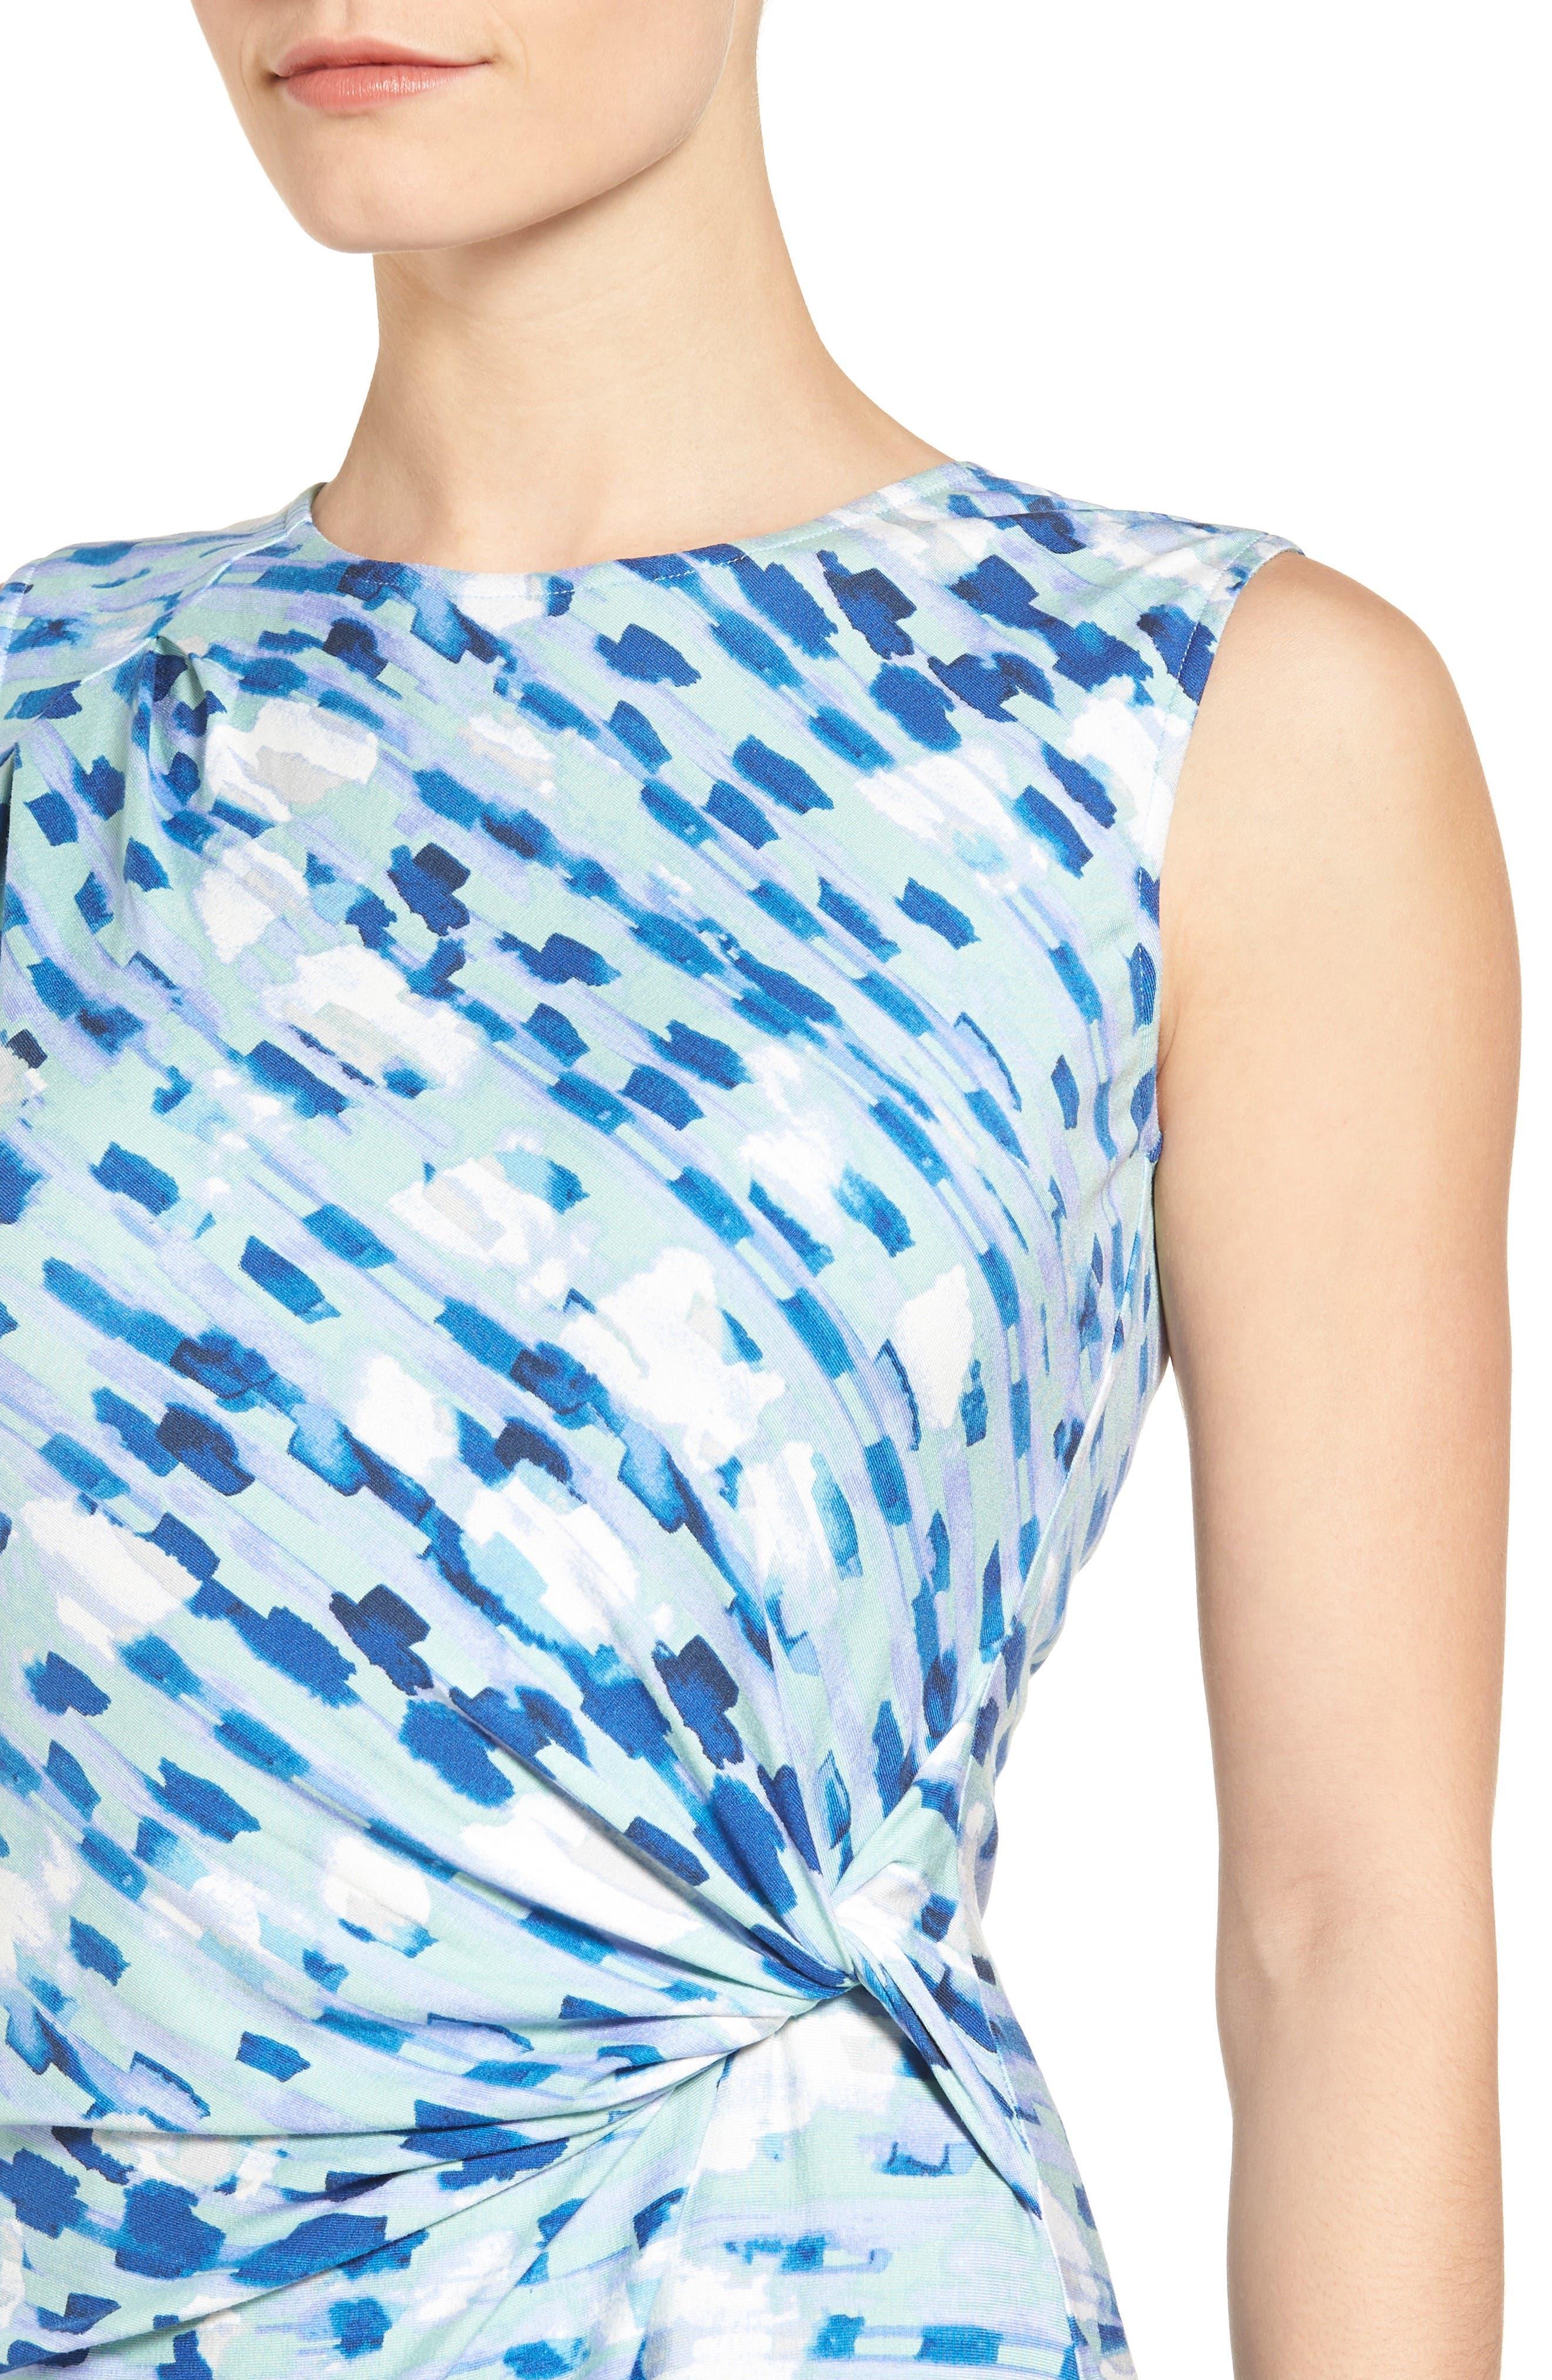 Water Lane Bias Twist Sheath Dress,                             Alternate thumbnail 4, color,                             490